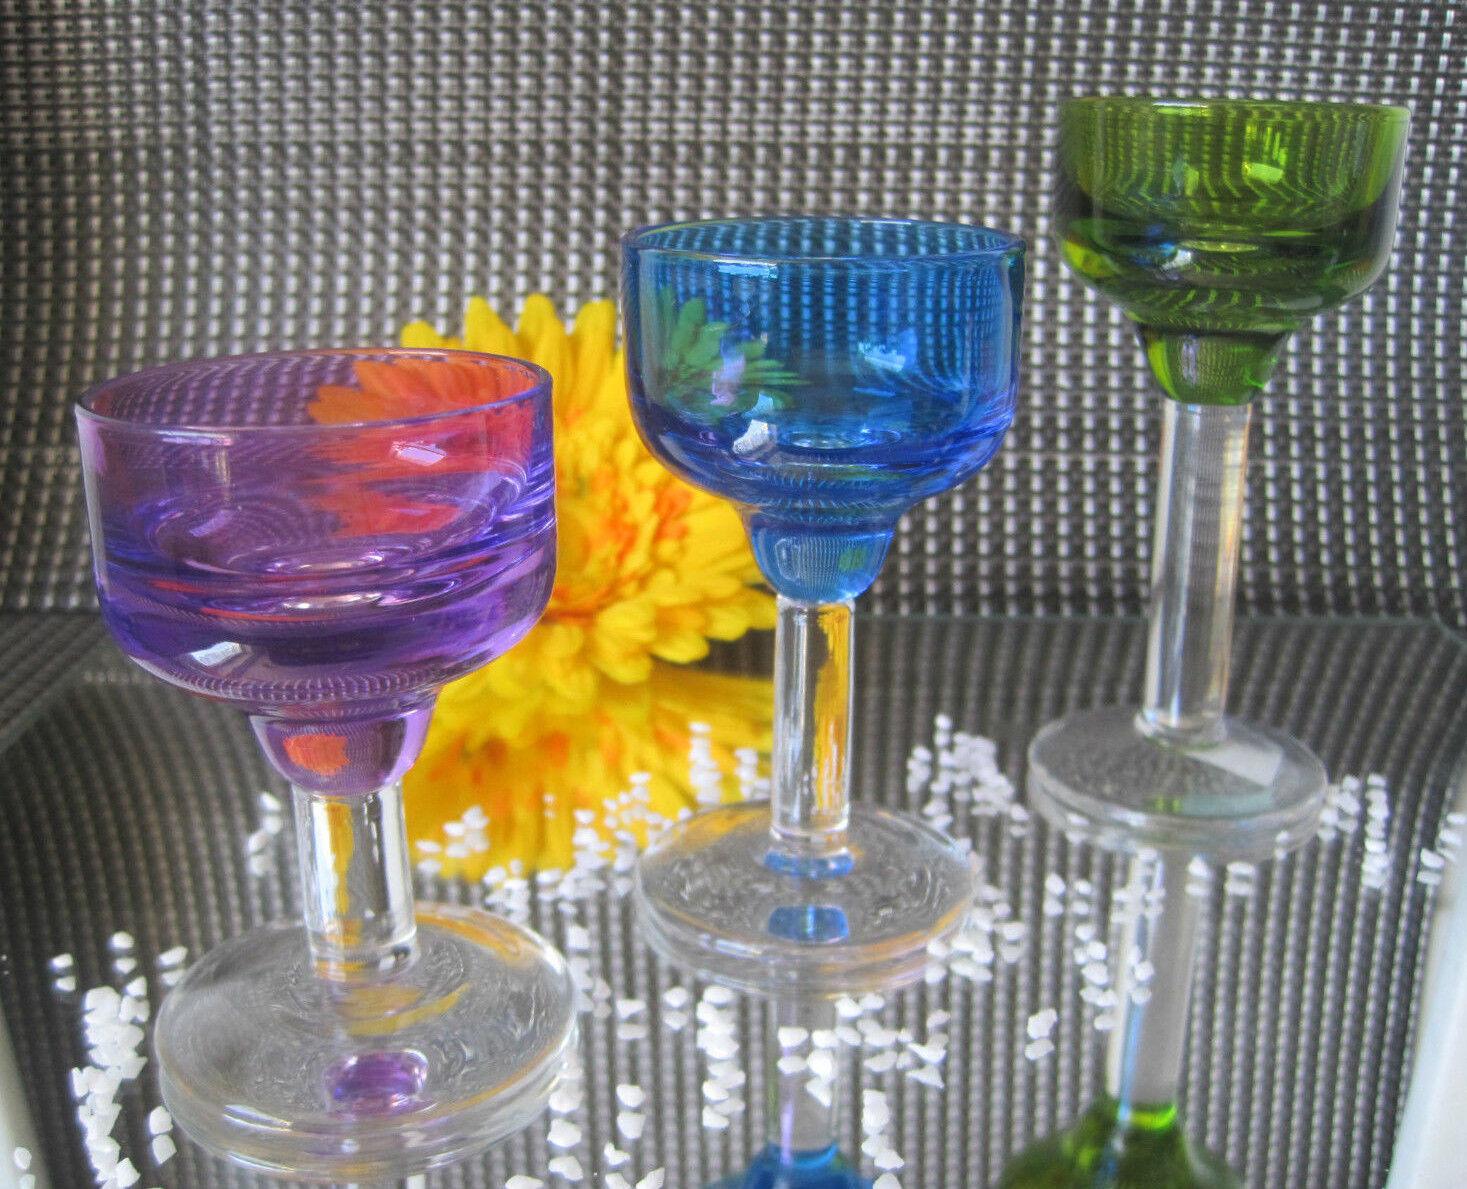 PartyLite Teelichthalter FARBTUPFER (Trio)  Neu Ovp und 3 Teelichter  | Hohe Sicherheit